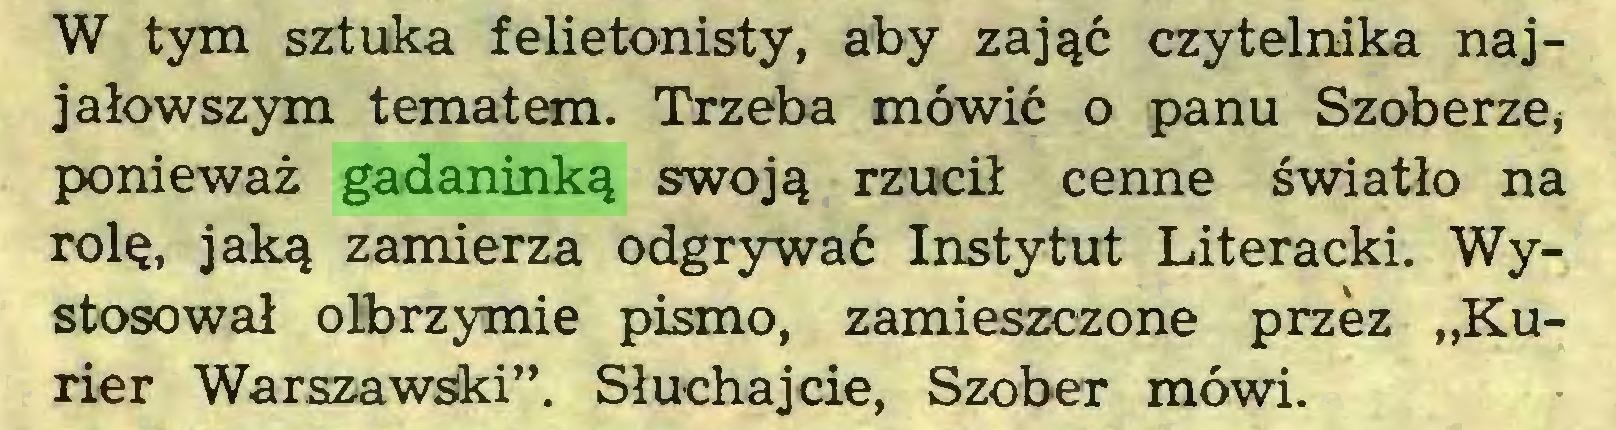 """(...) W tym sztuka felietonisty, aby zająć czytelnika najjałowszym tematem. Trzeba mówić o panu Szoberze, ponieważ gadaninką swoją rzucił cenne światło na rolę, jaką zamierza odgrywać Instytut Literacki. Wystosował olbrzymie pismo, zamieszczone przez """"Kurier Warszawski"""". Słuchajcie, Szober mówi..."""